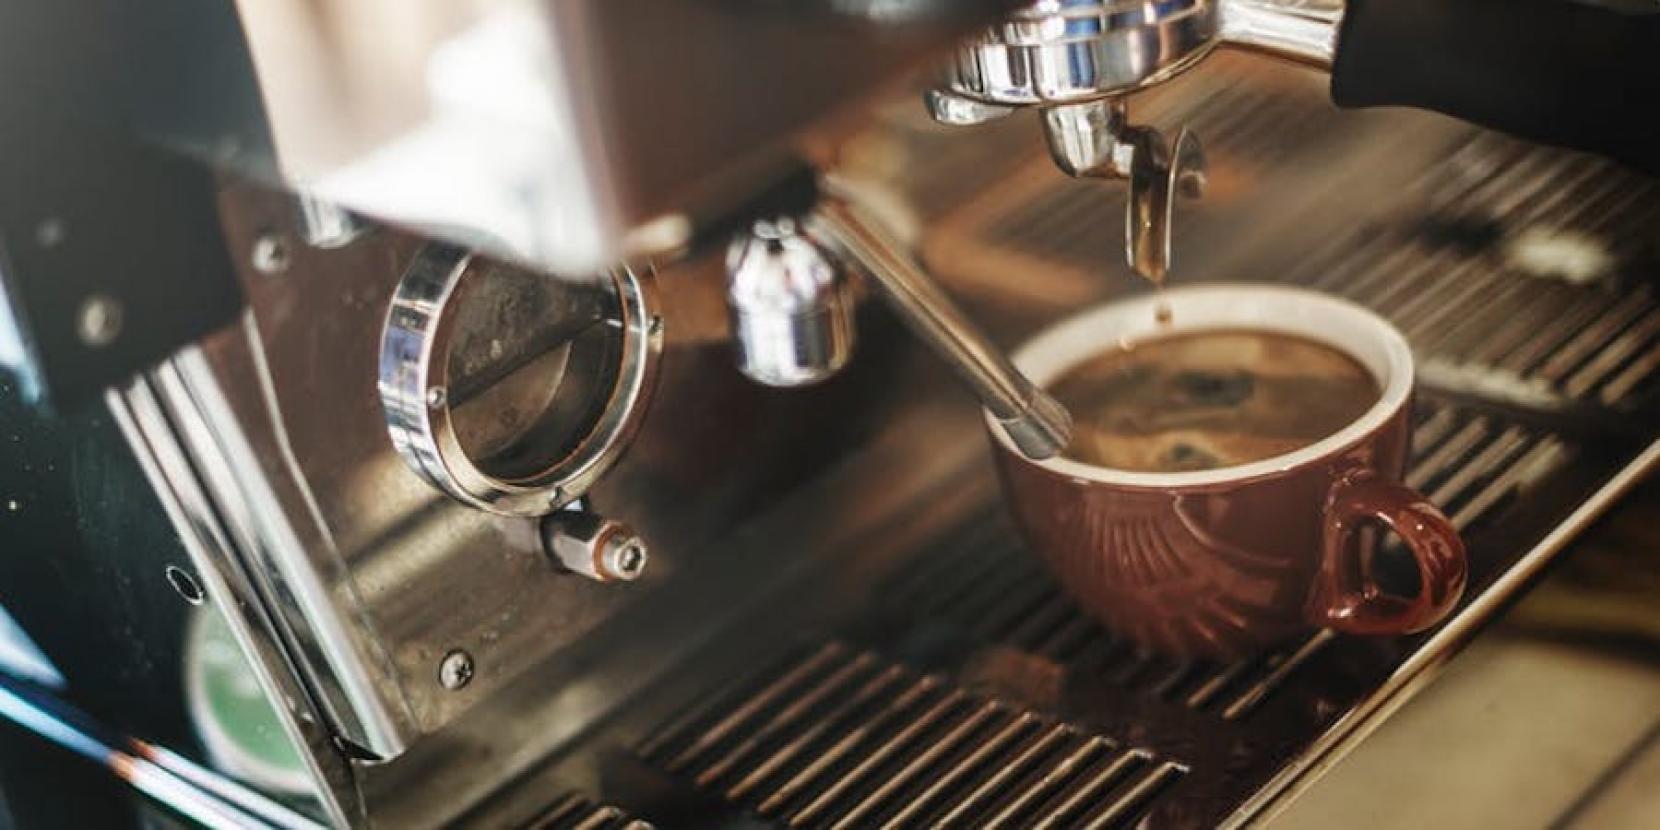 Peak Espresso